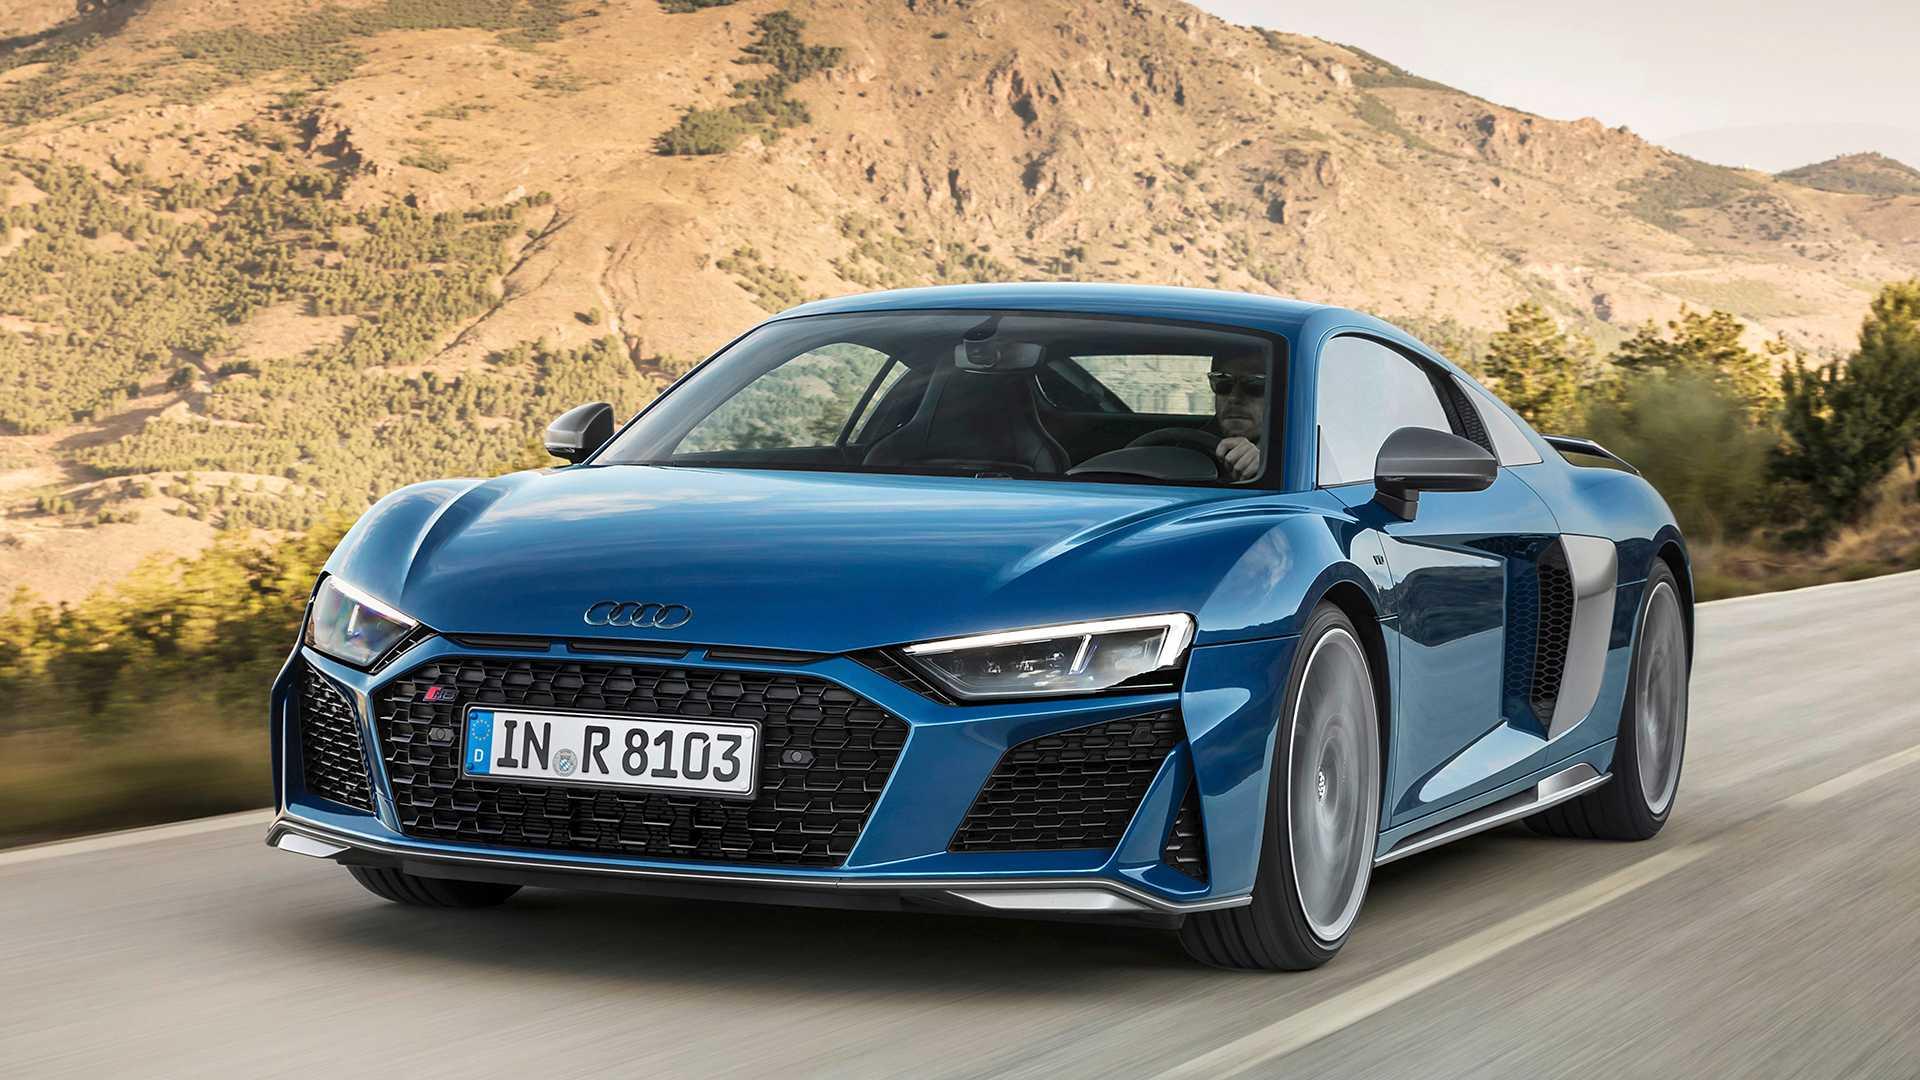 Audi R8 je superautomobil sa najviše pretraga na internetu